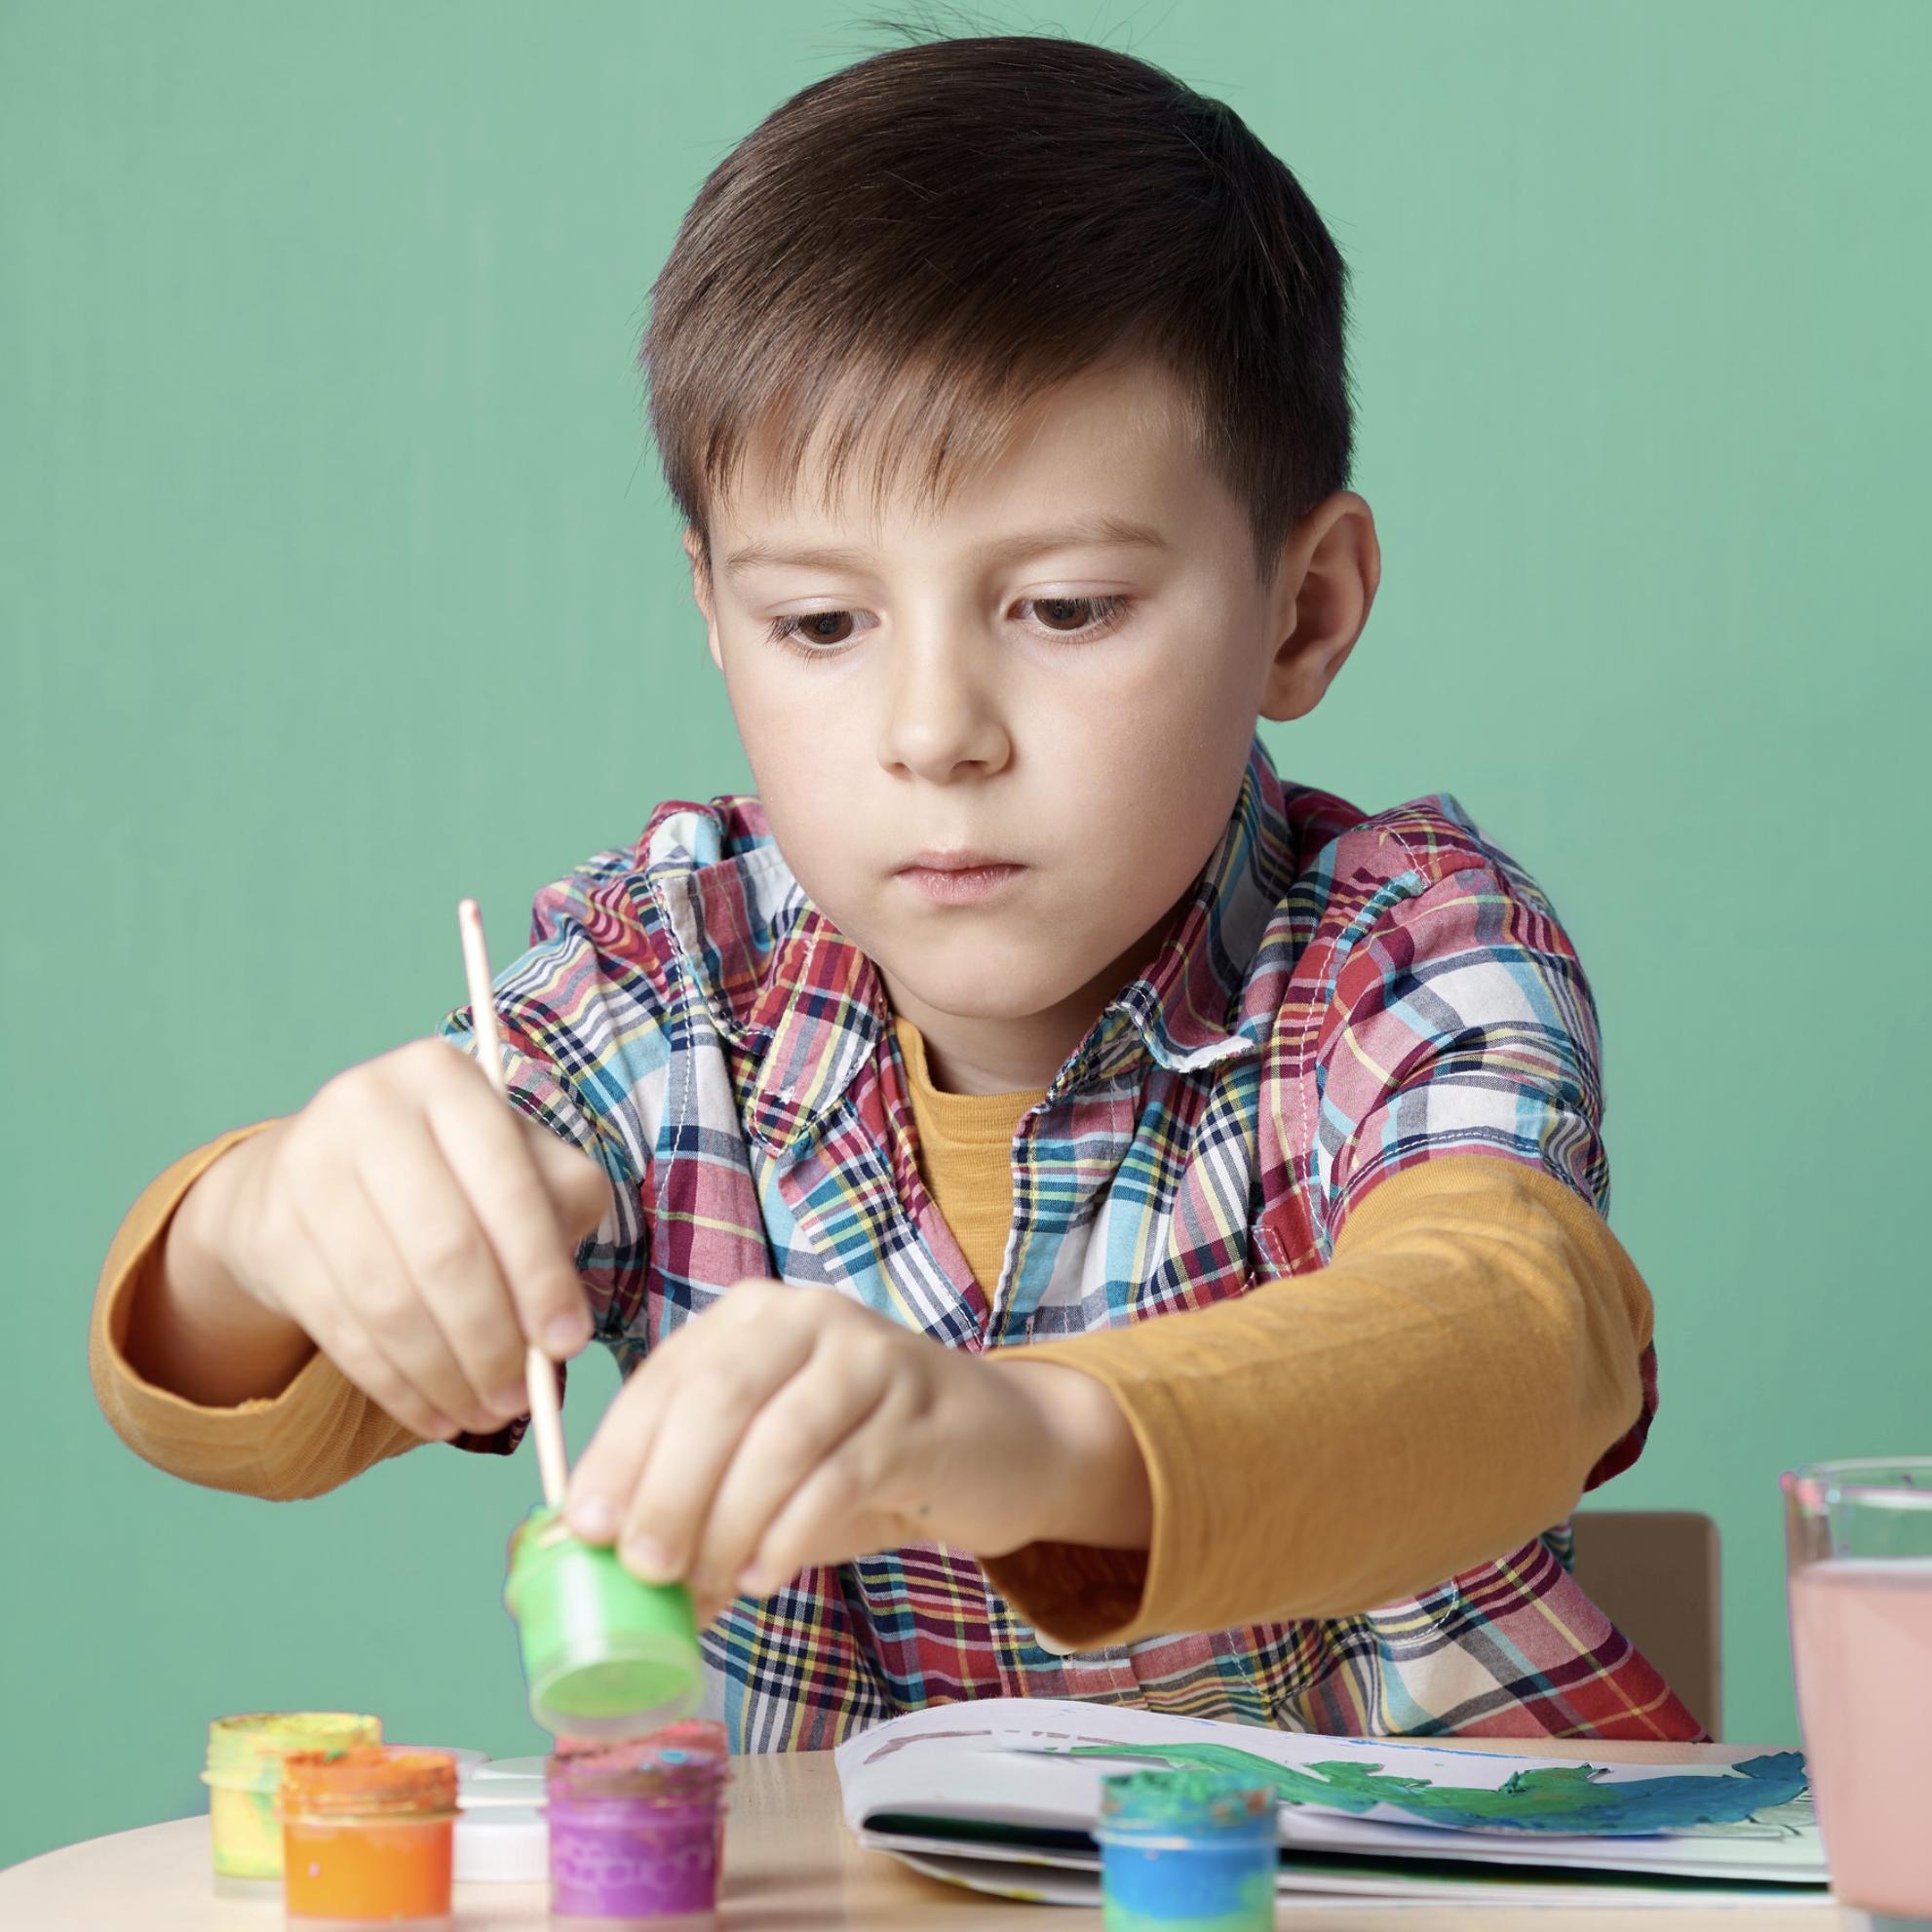 Happy kid painting